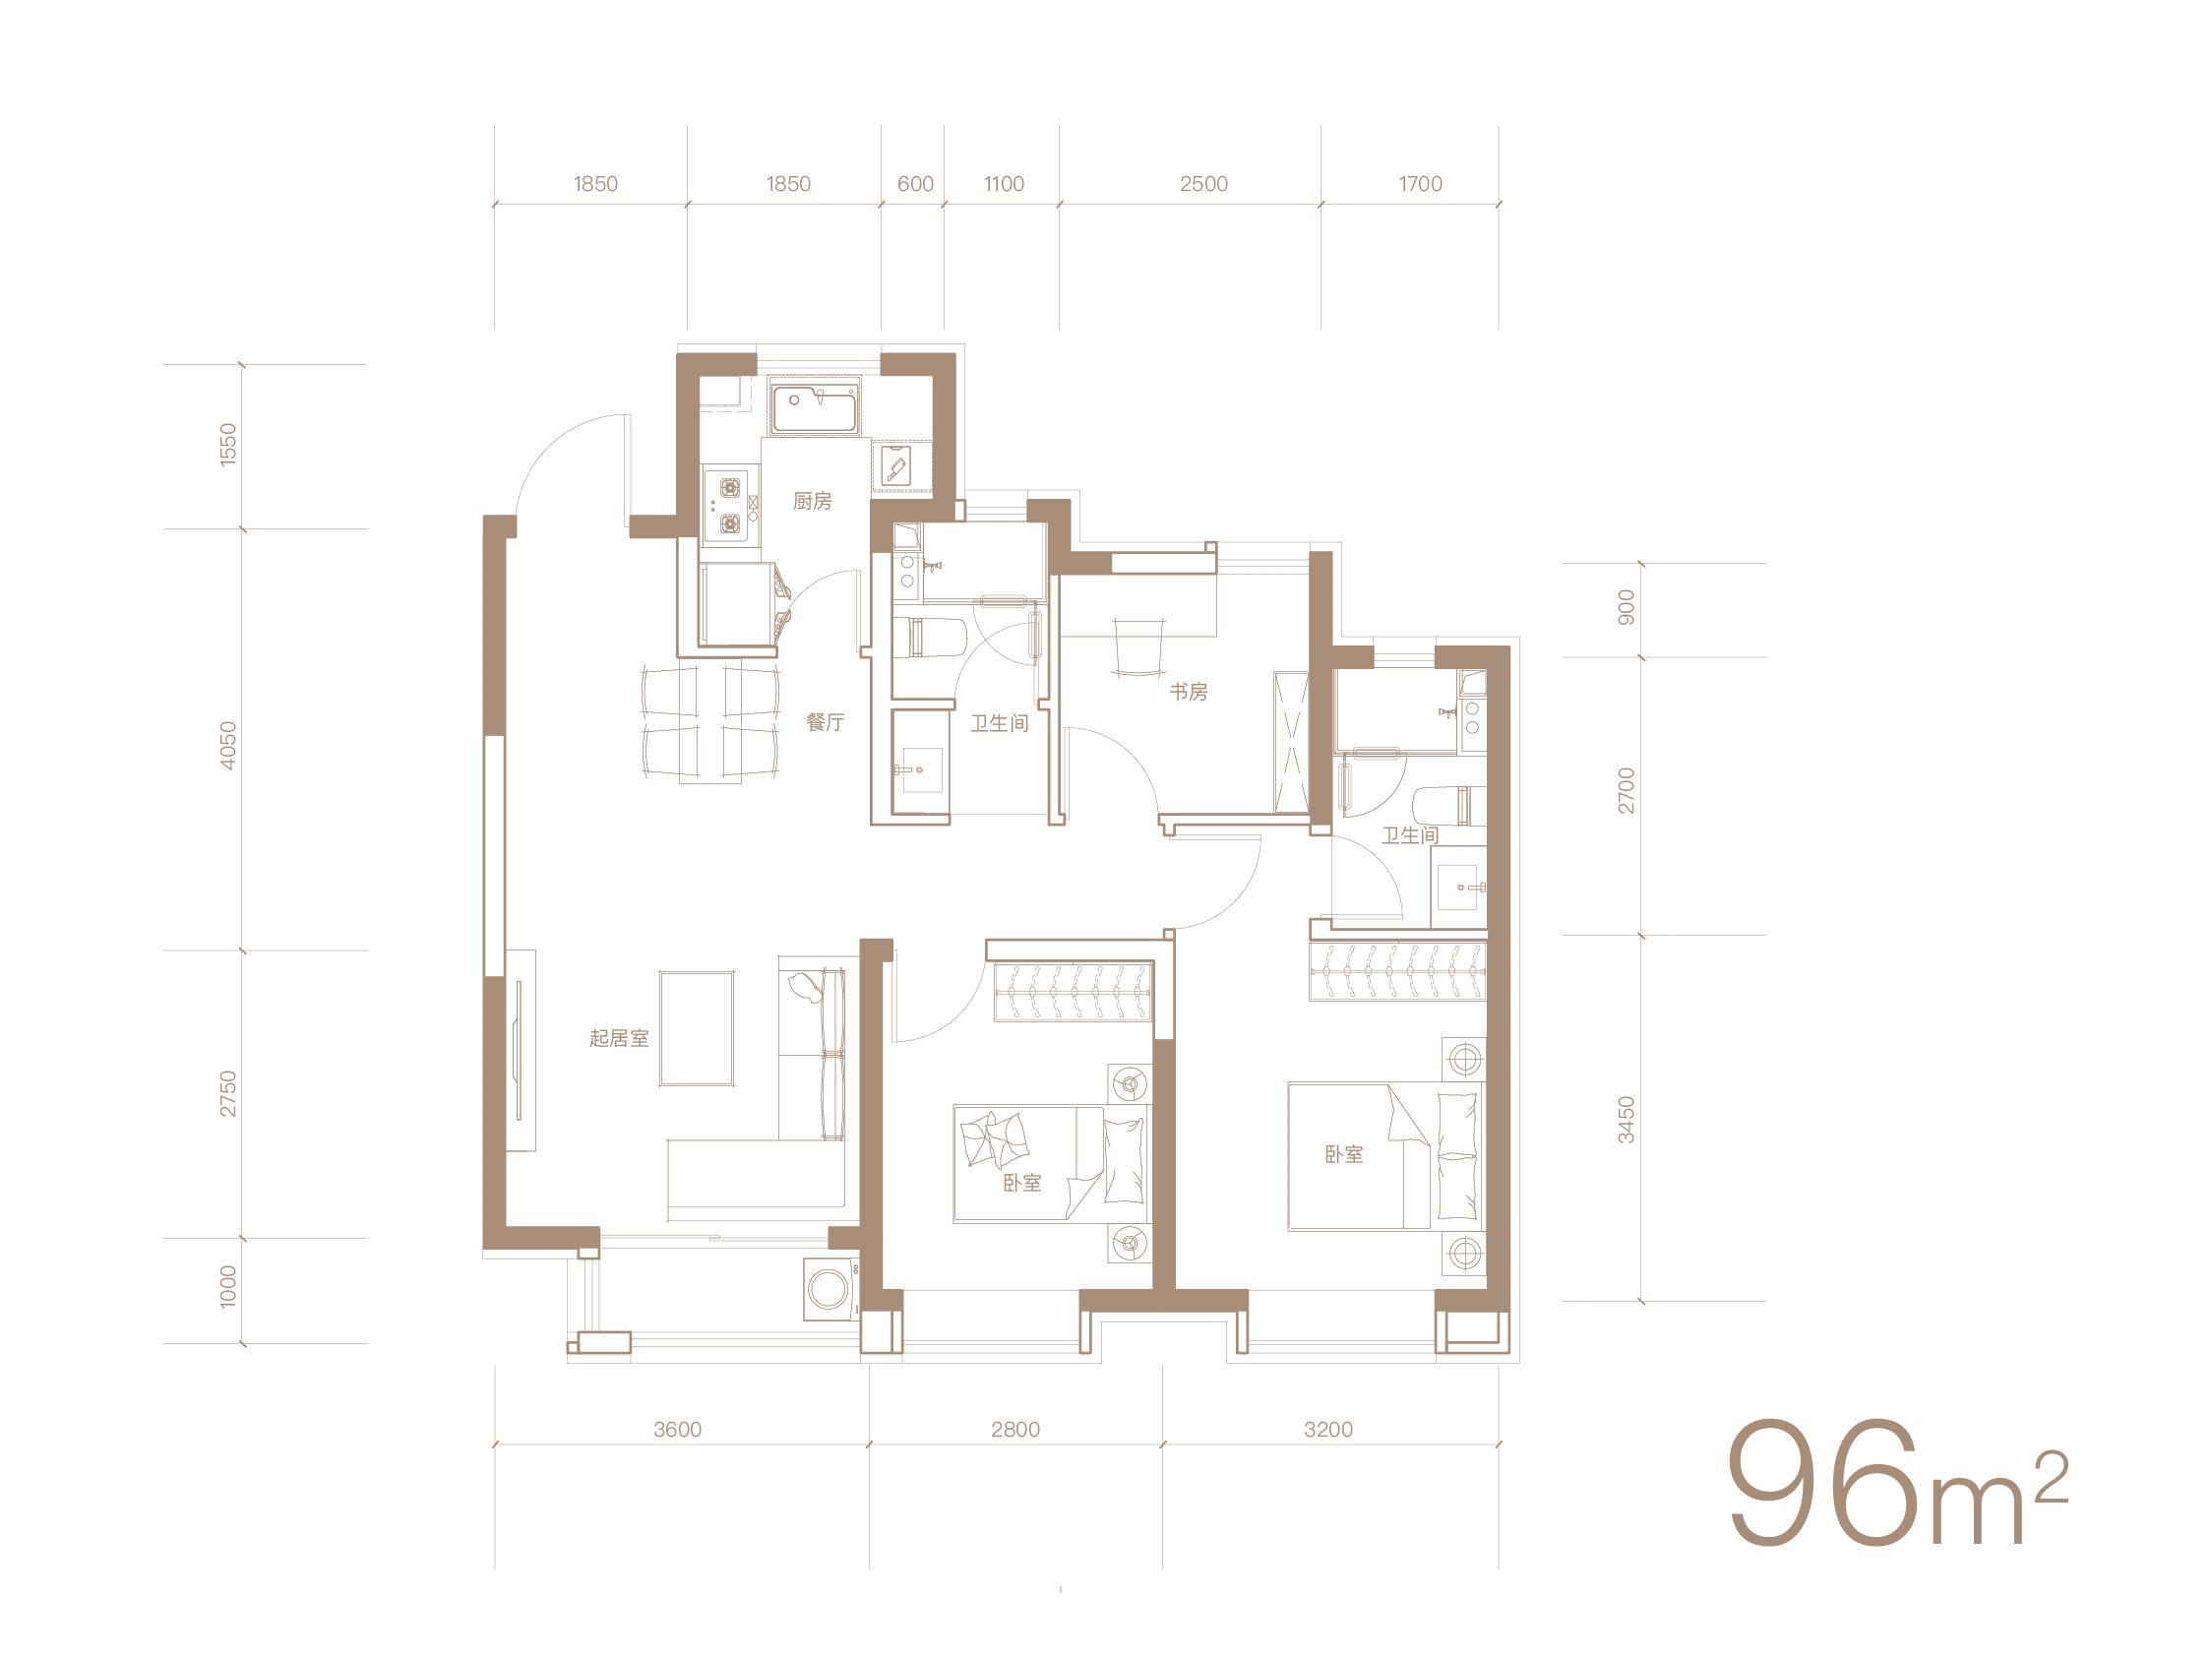 96平米三室两厅两卫